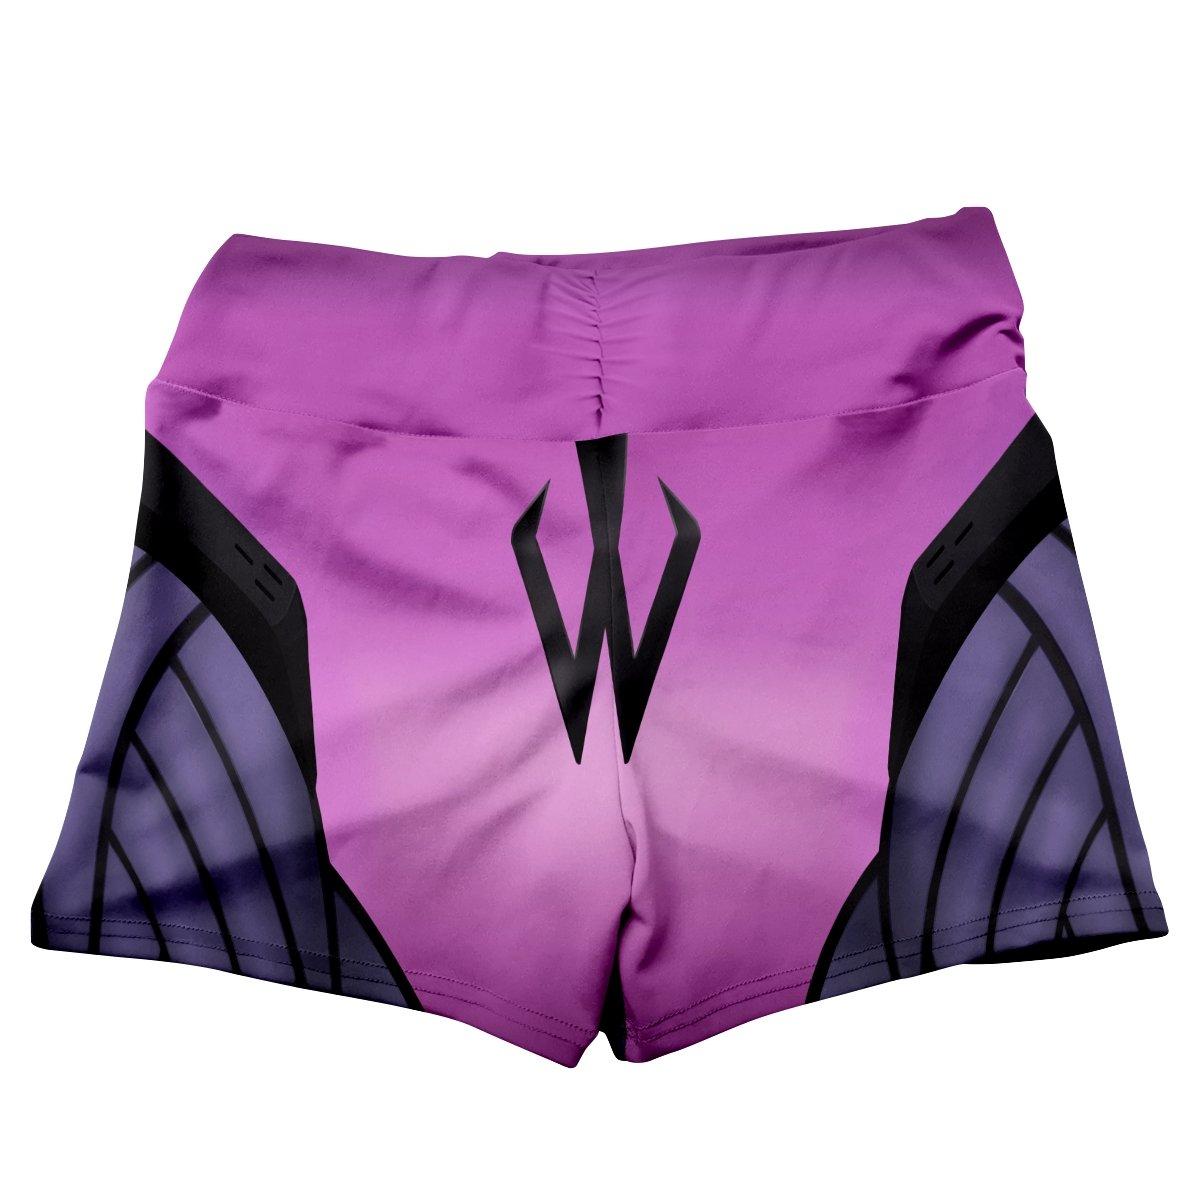 widowmaker summer active wear set 503774 - Anime Swimsuits